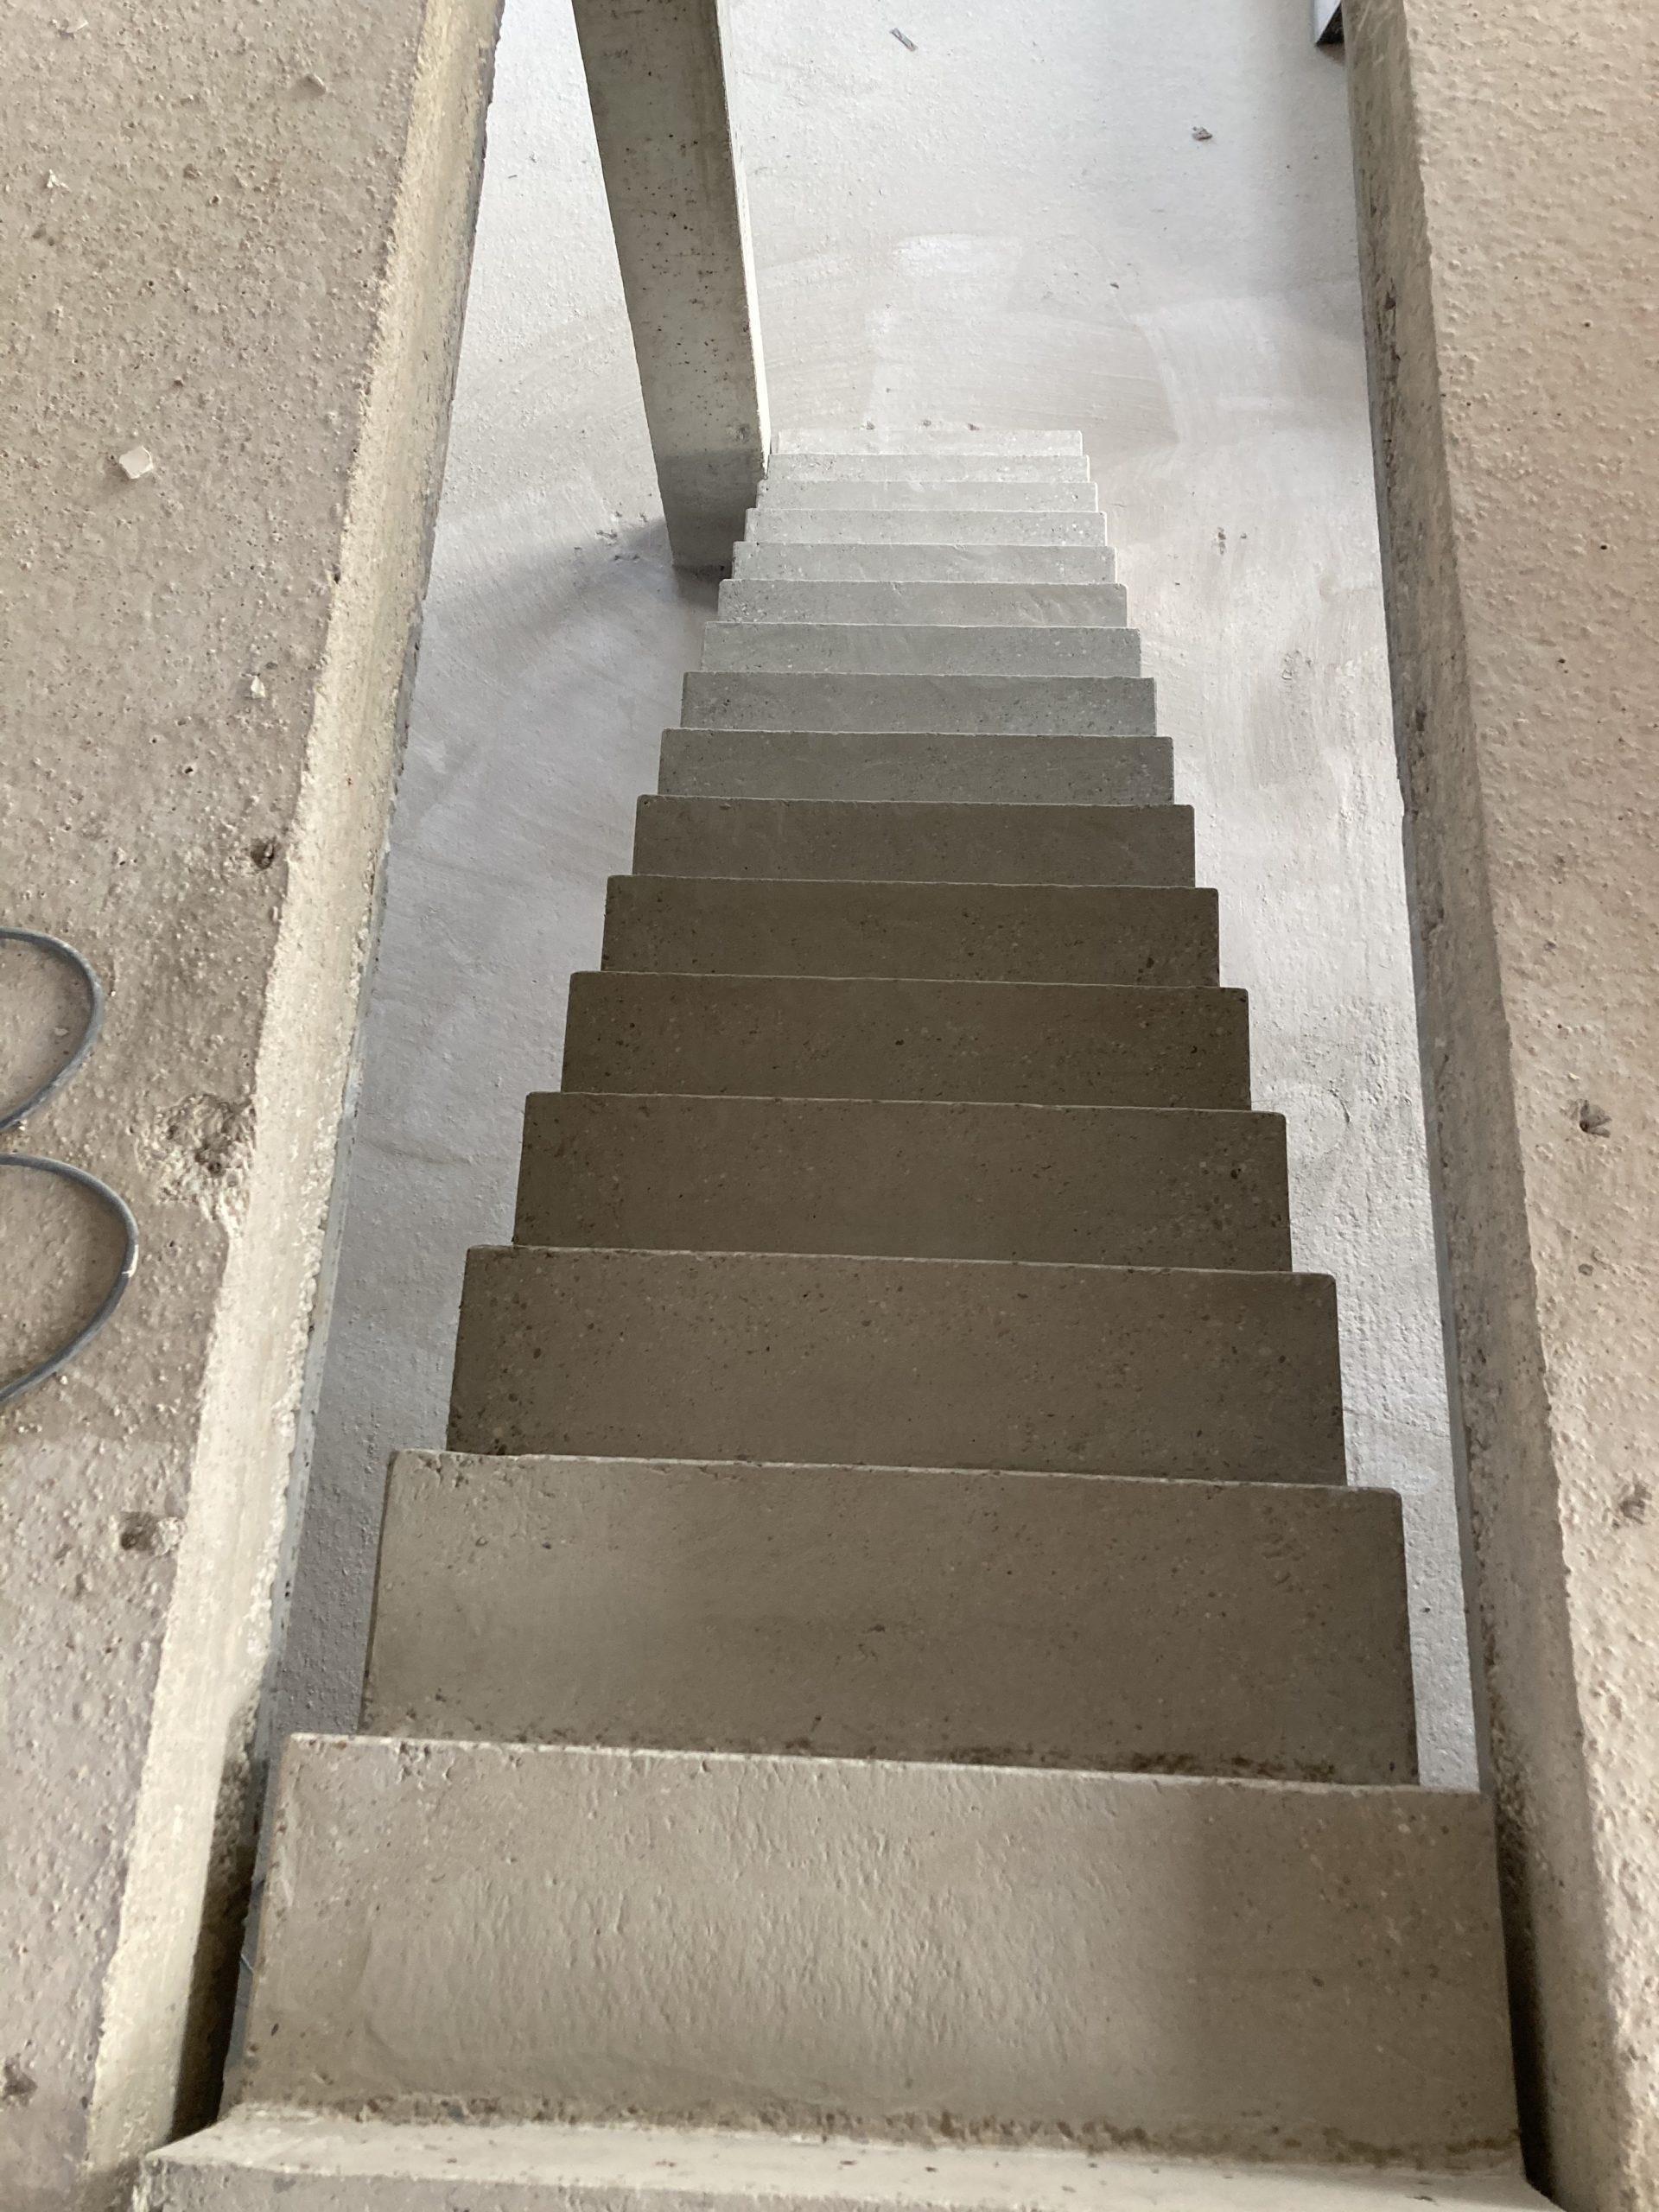 escalier intérieur béton  à crémaillère  d'une maison individuelle  en béton brut de décoffrage sur mesure à Brive près de Limoge  pour un particulier par Scal'in Limousin